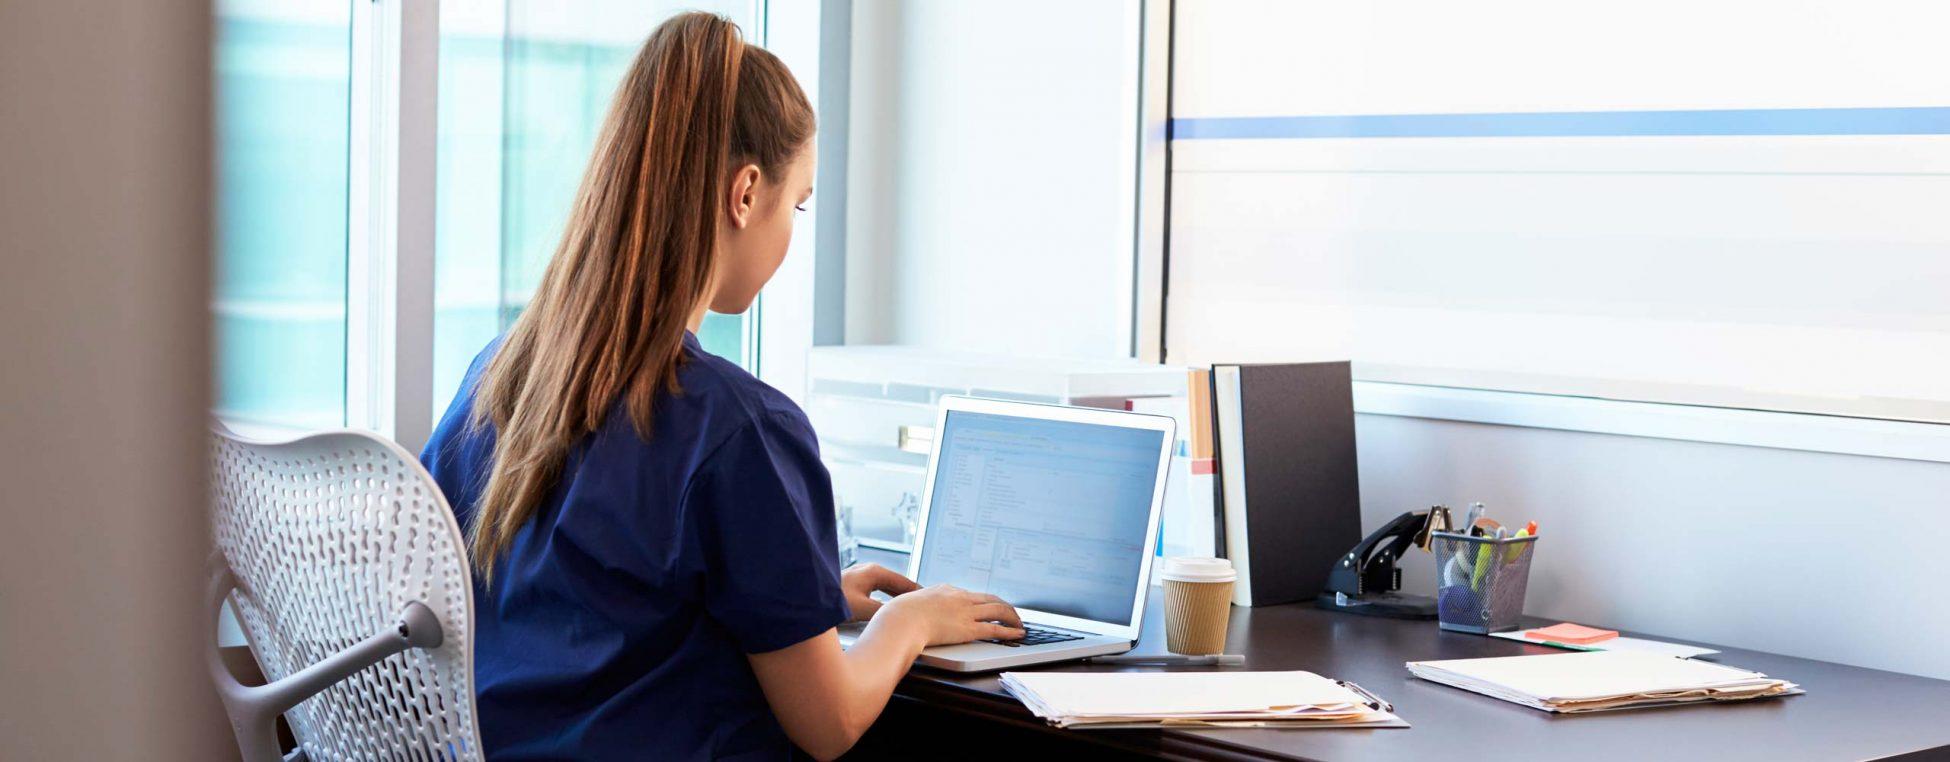 Krankenschwester arbeitet an einem Laptop